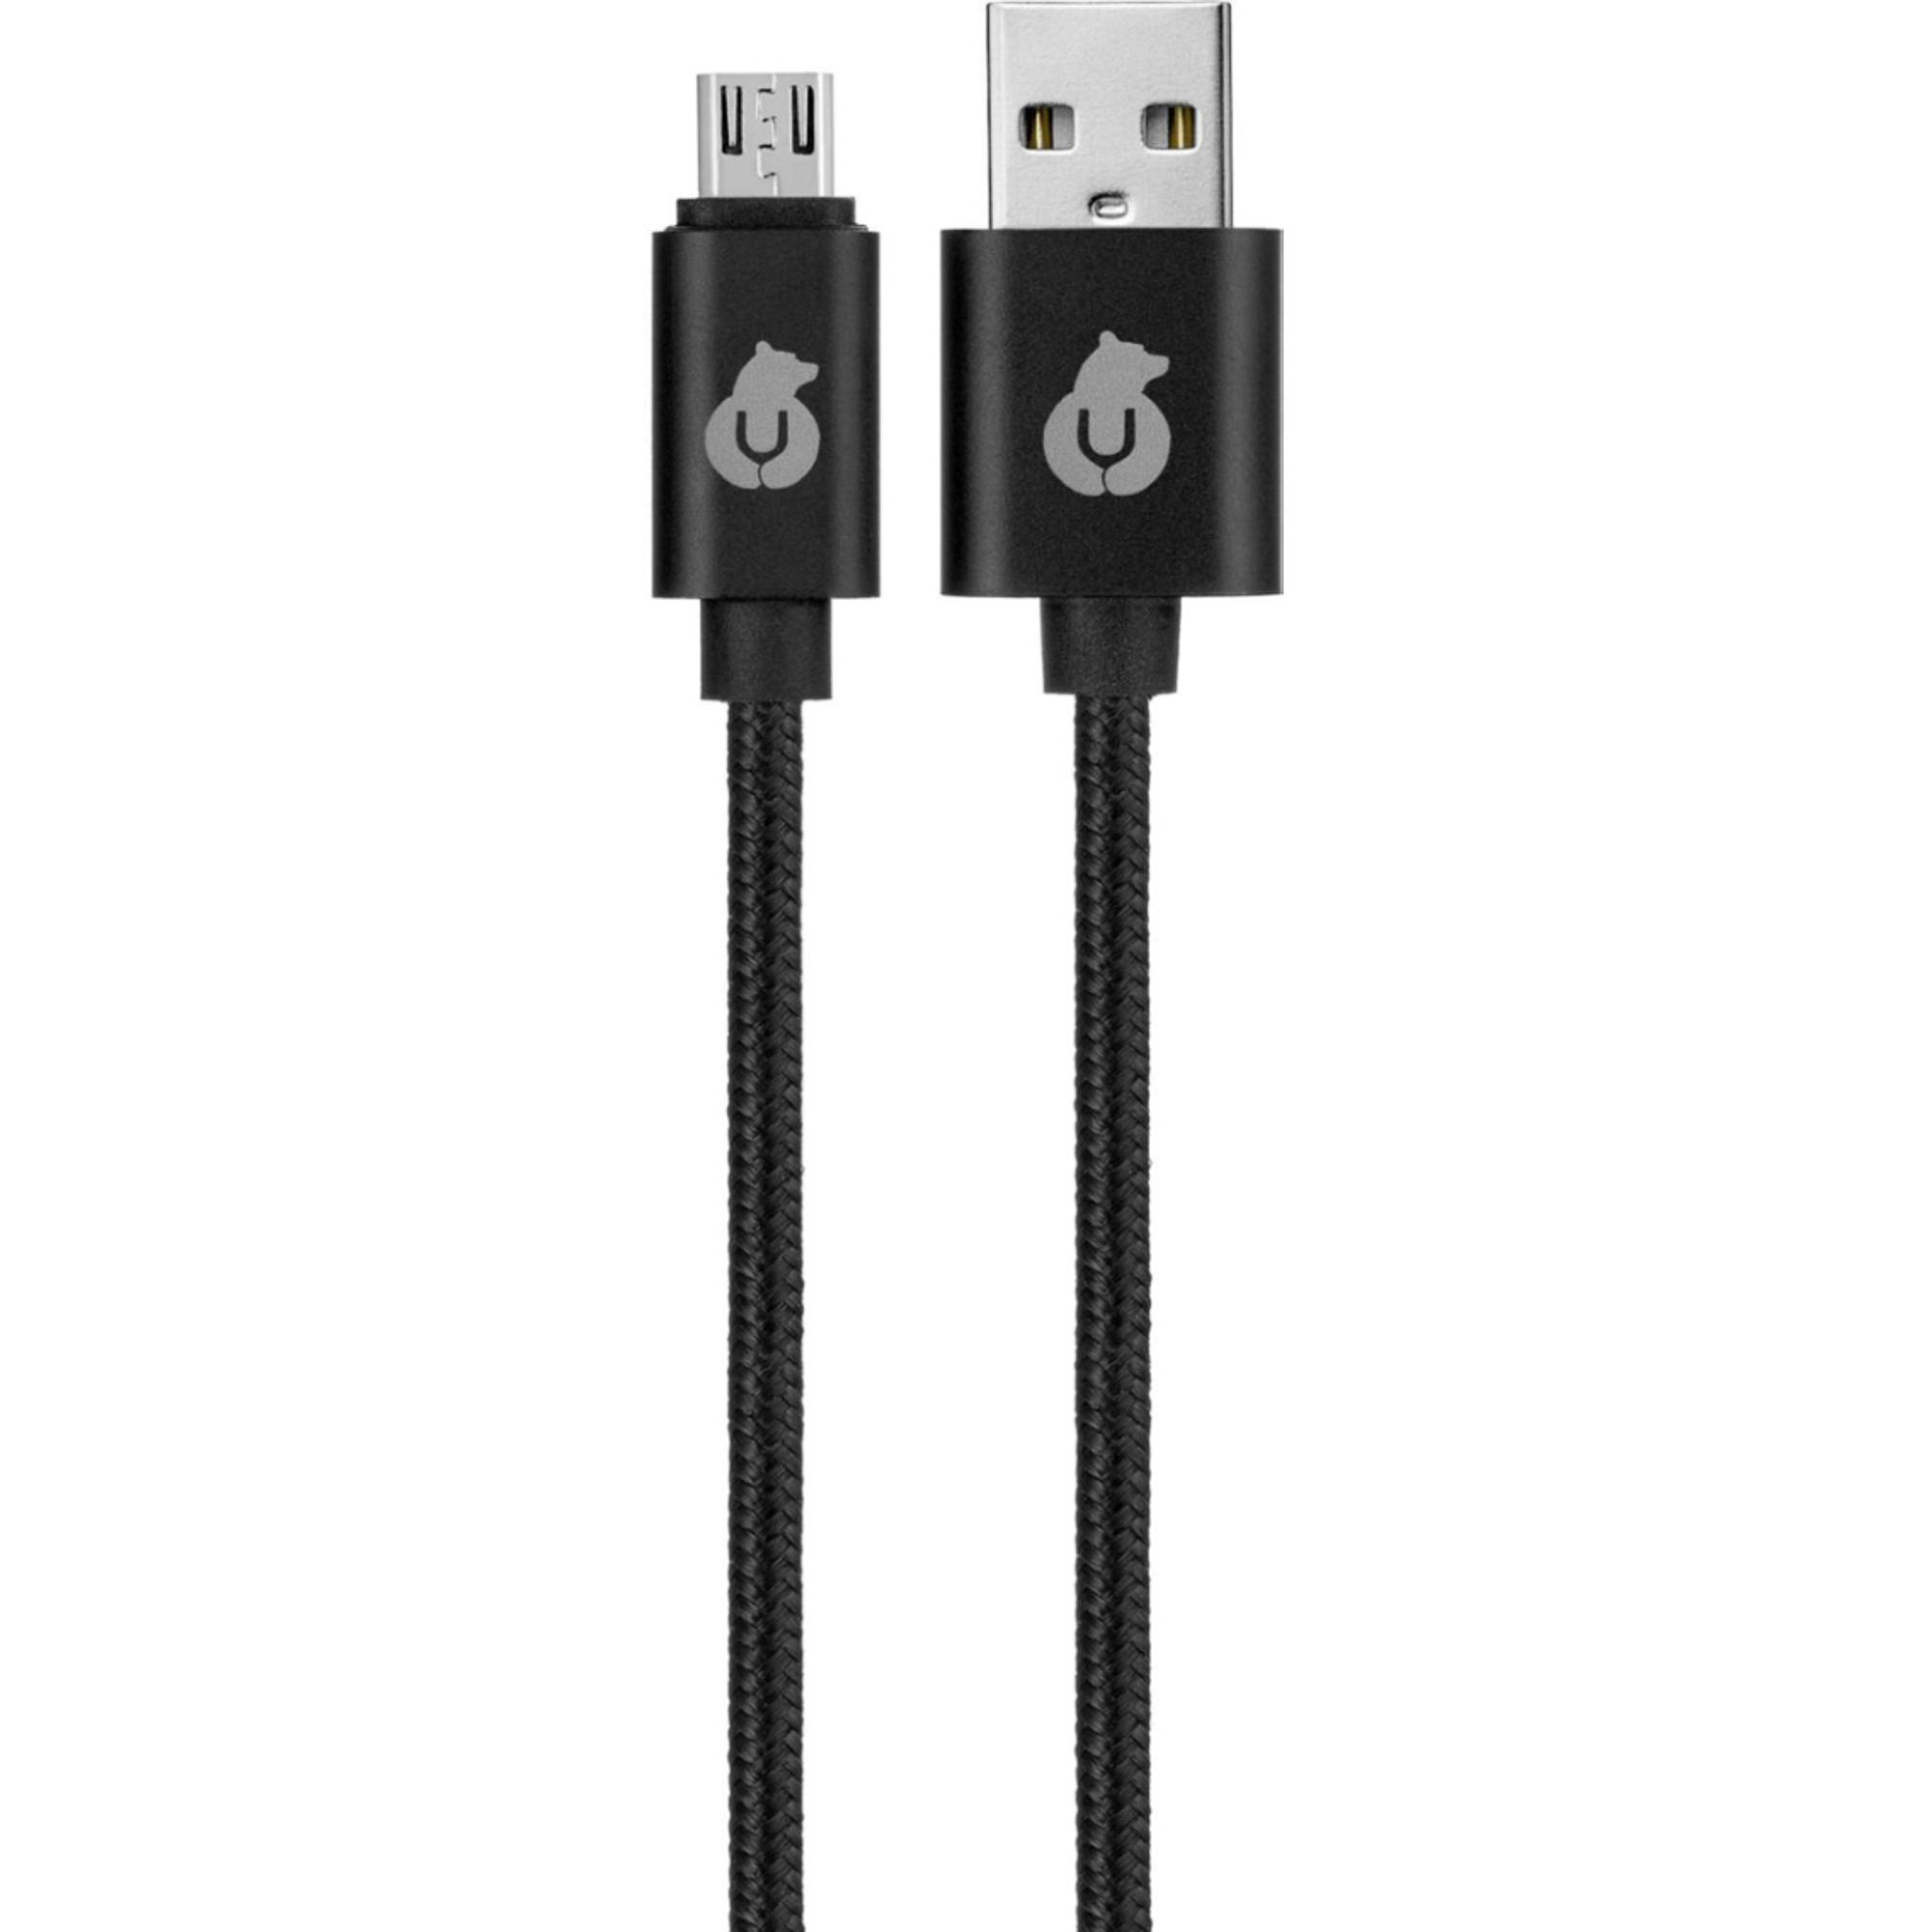 Фото - Кабель uBear Cord micro-USB USB-A DC03BL01-AM 1,2 м Black кабель ubear force usb c usb a dc08bl01 ac 1 2 м черный